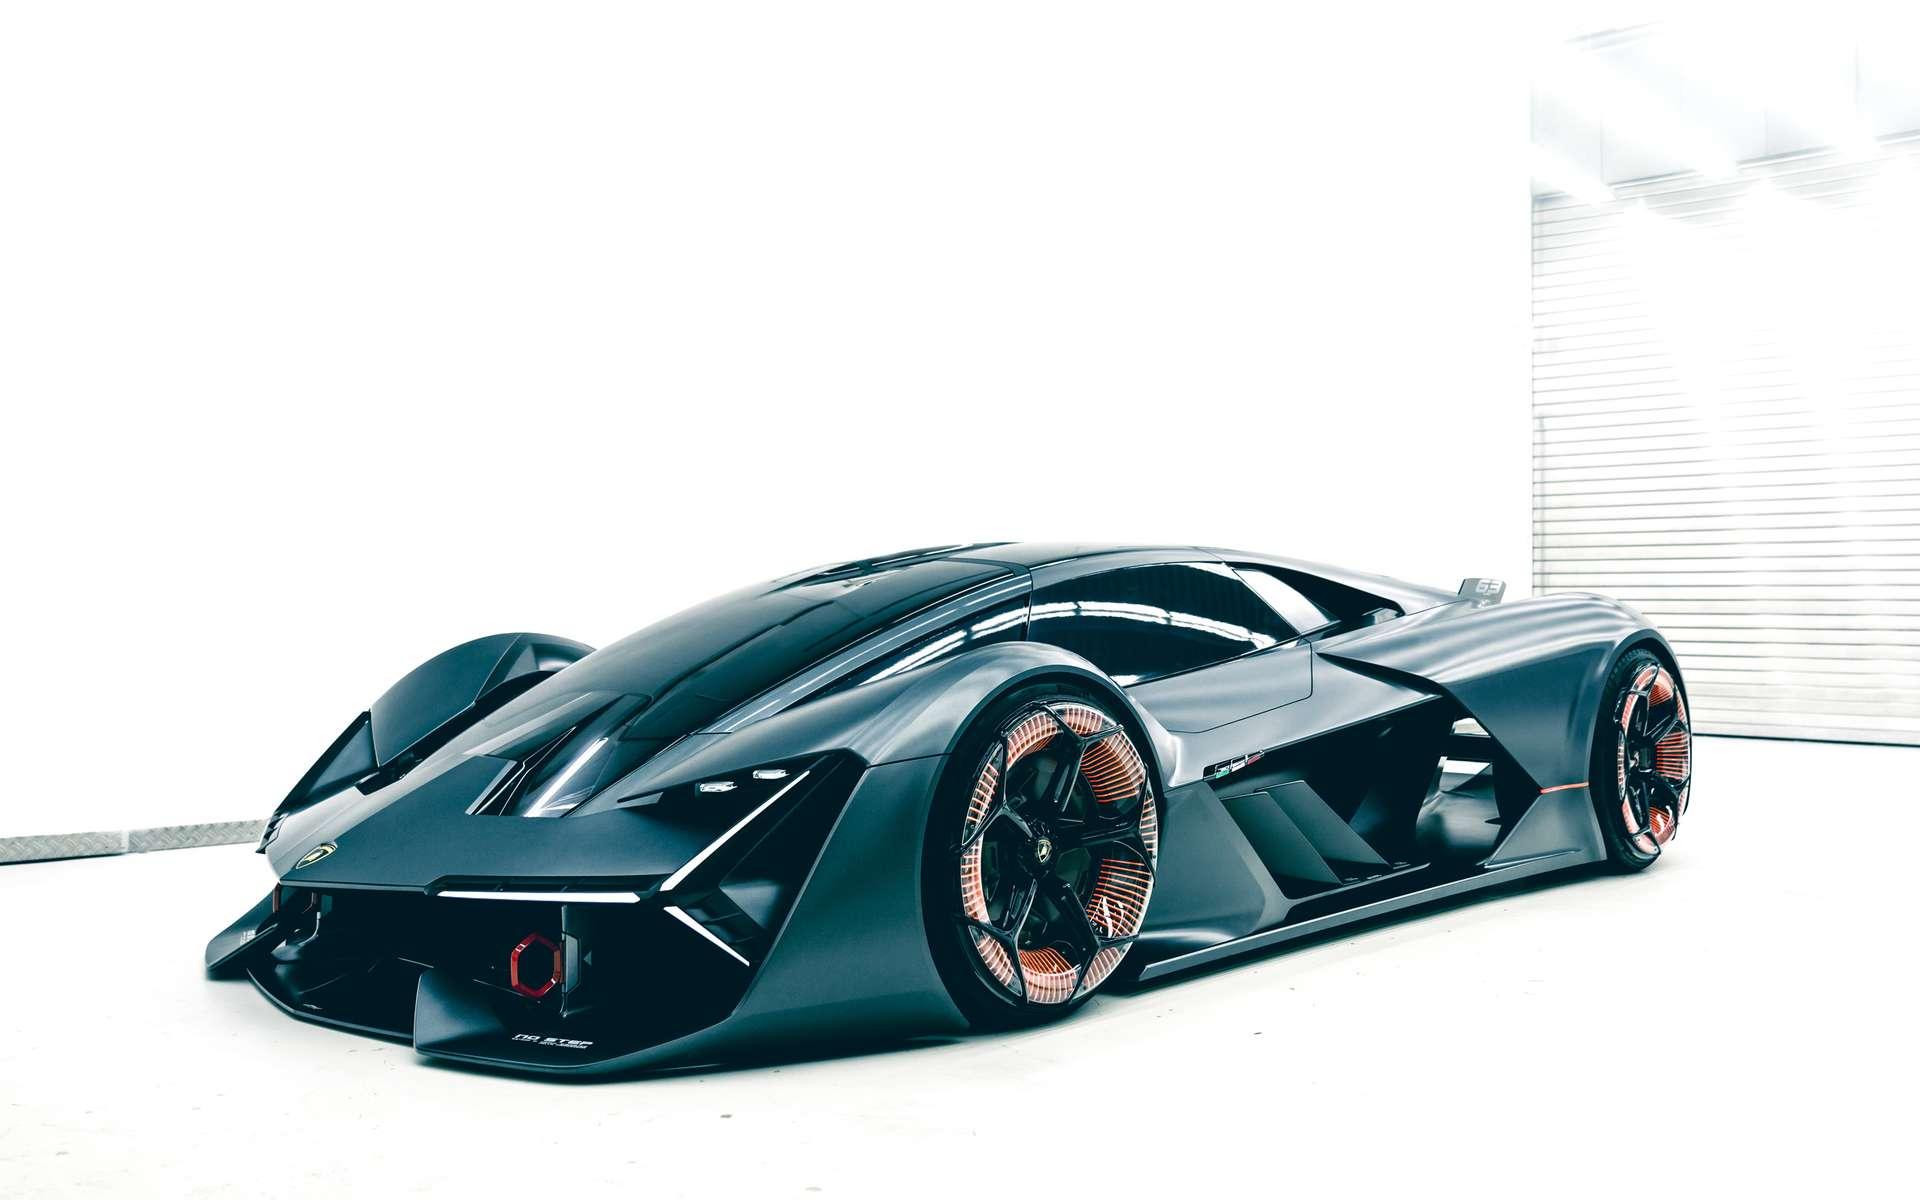 La Lamborghini Terzo Millennio est un concept pour montrer quelques-unes des orientations technologiques futures de la marque italienne. © Lamborghini